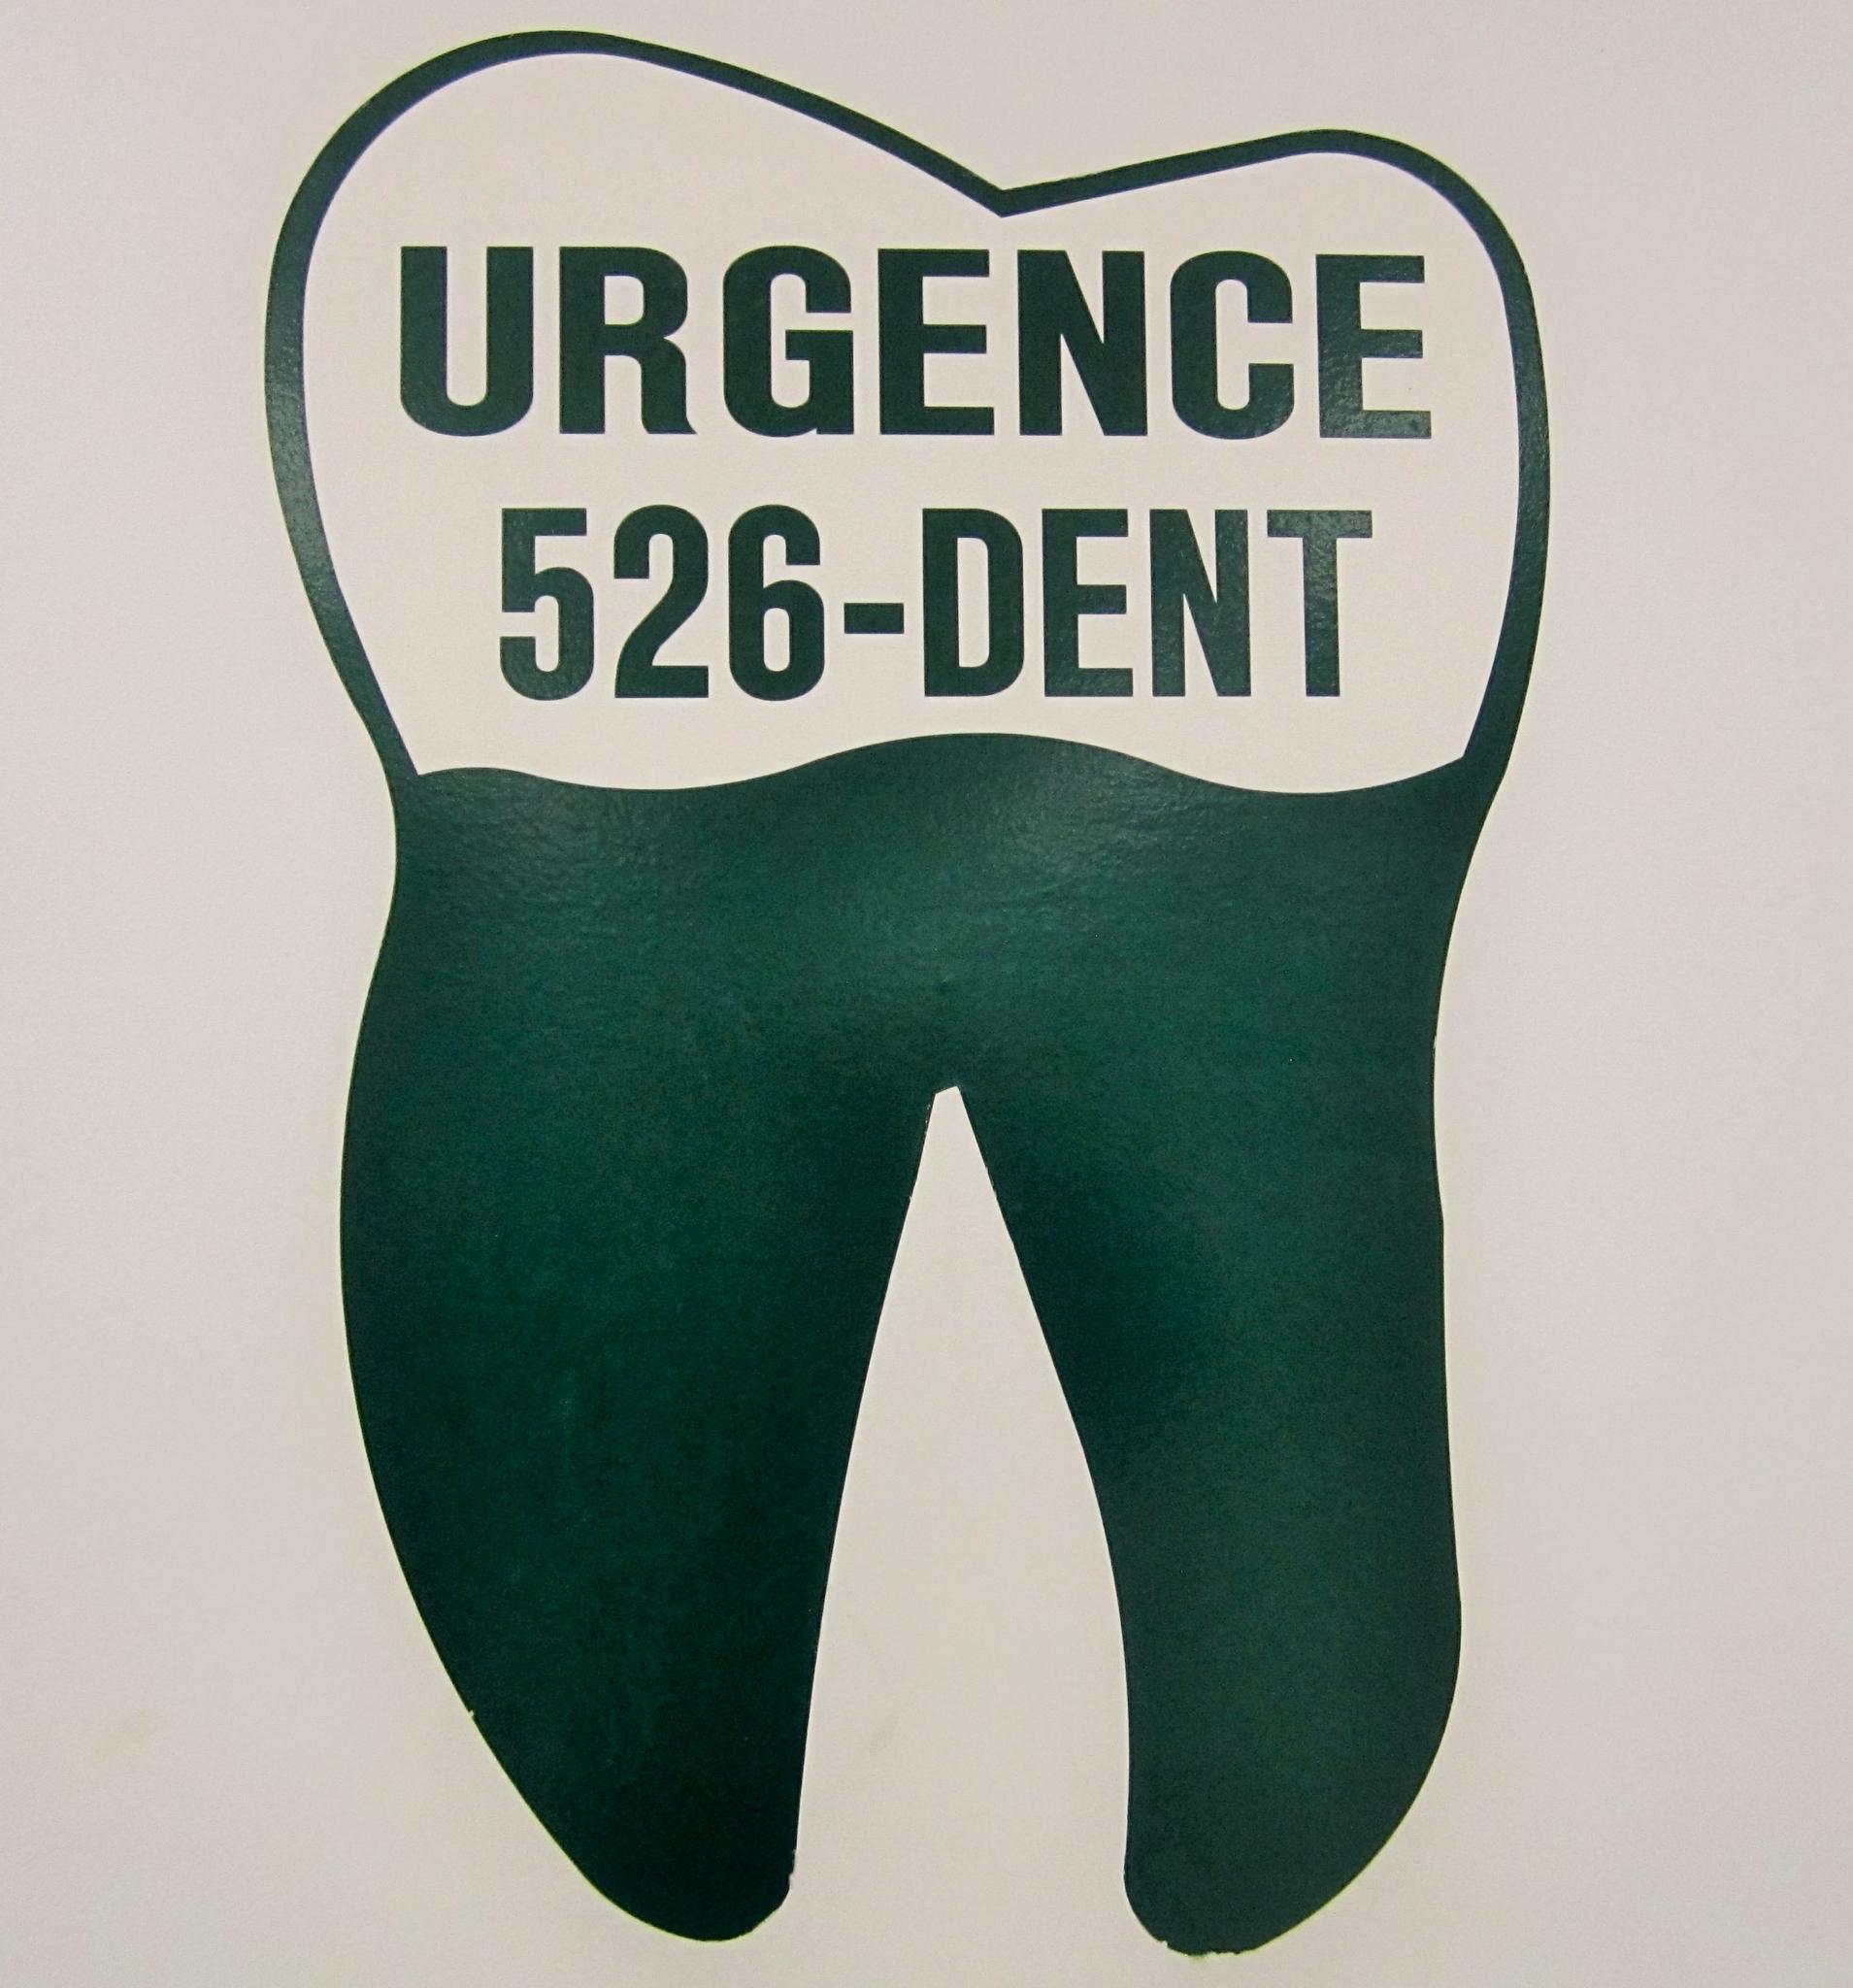 Clinique Dentaire Joliette à Montréal: We are open the week-end